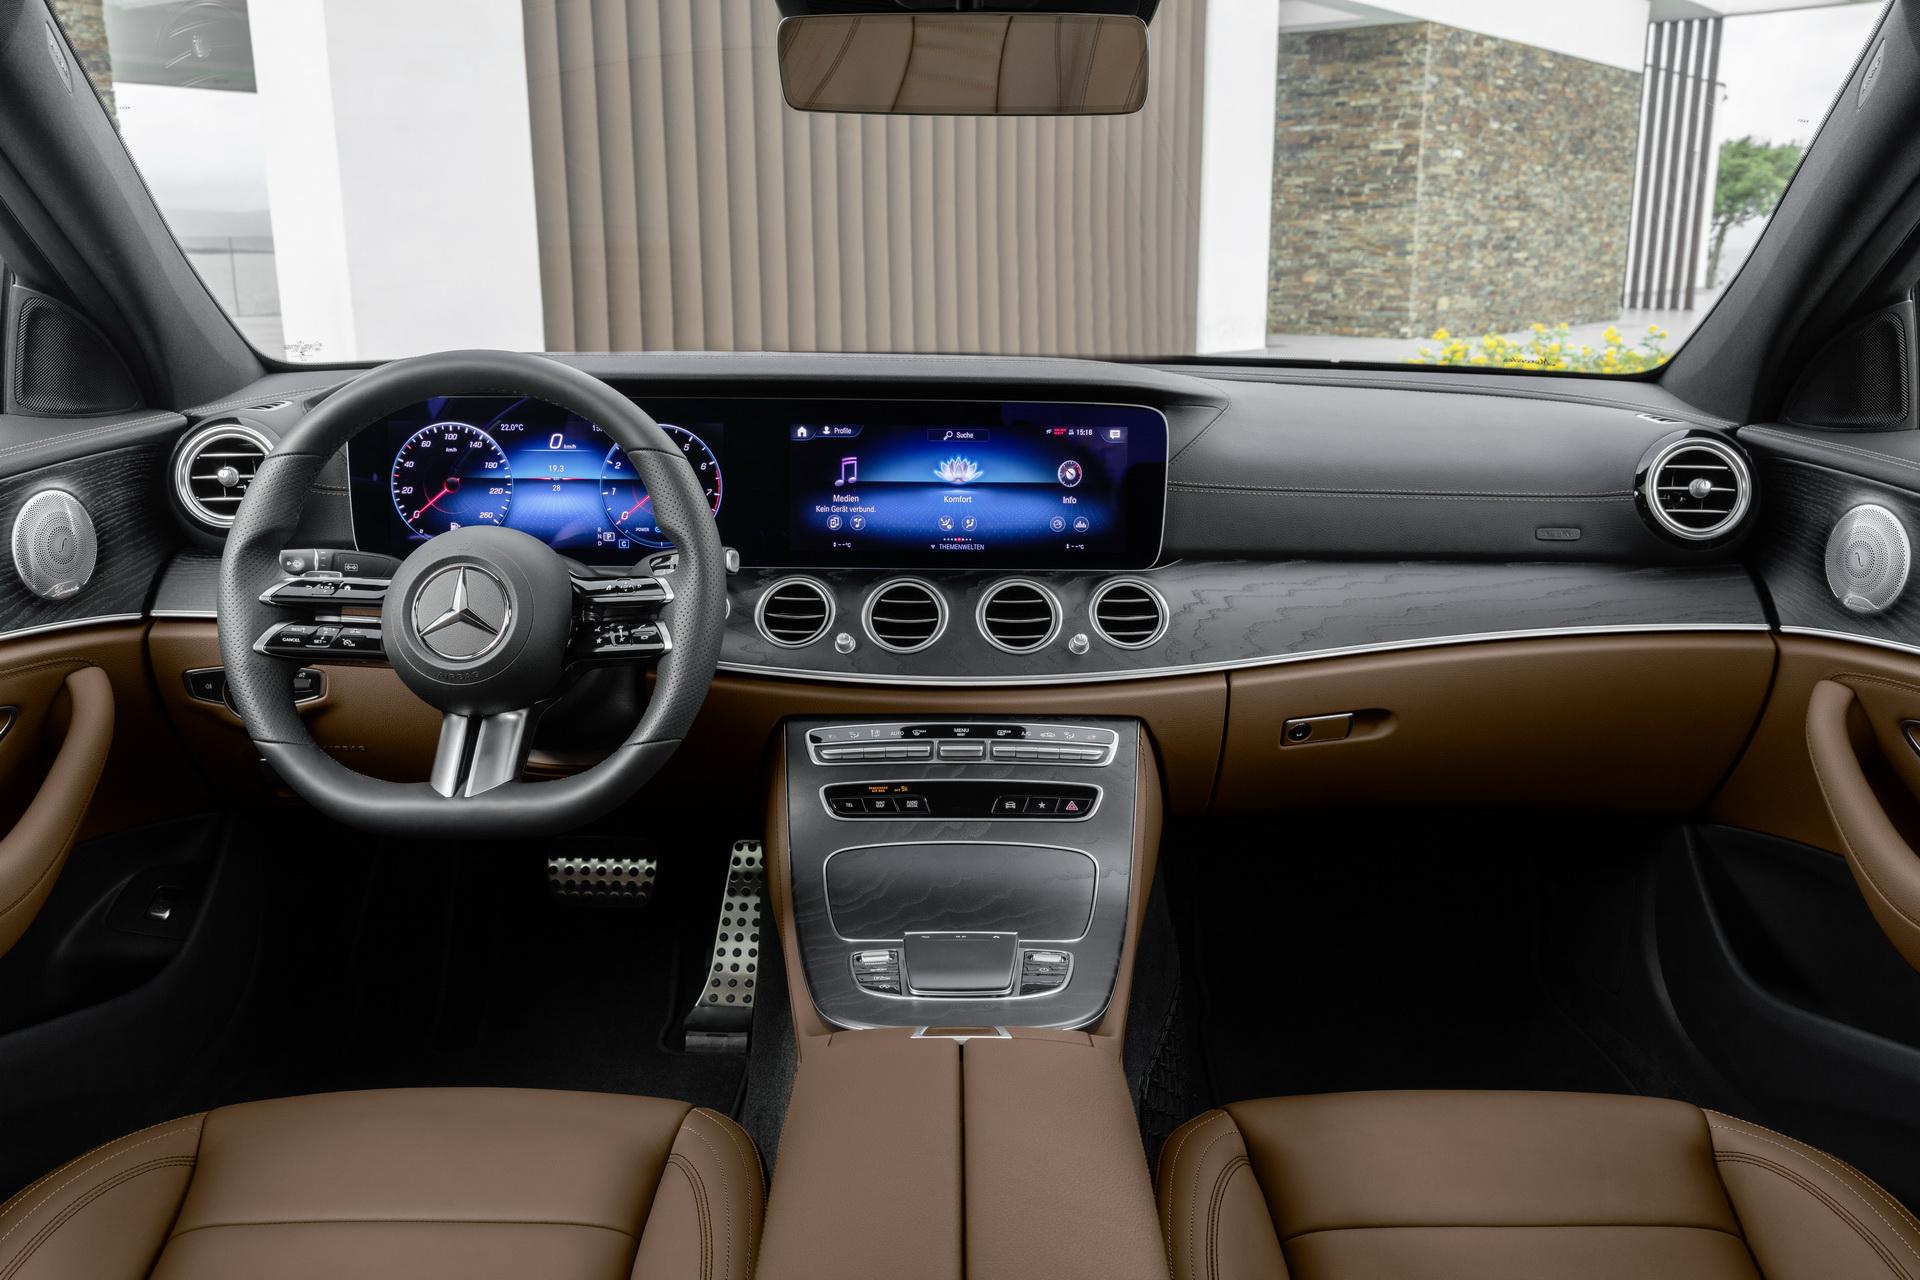 2020-mercedes-benz-e-class-facelift-31.jpg